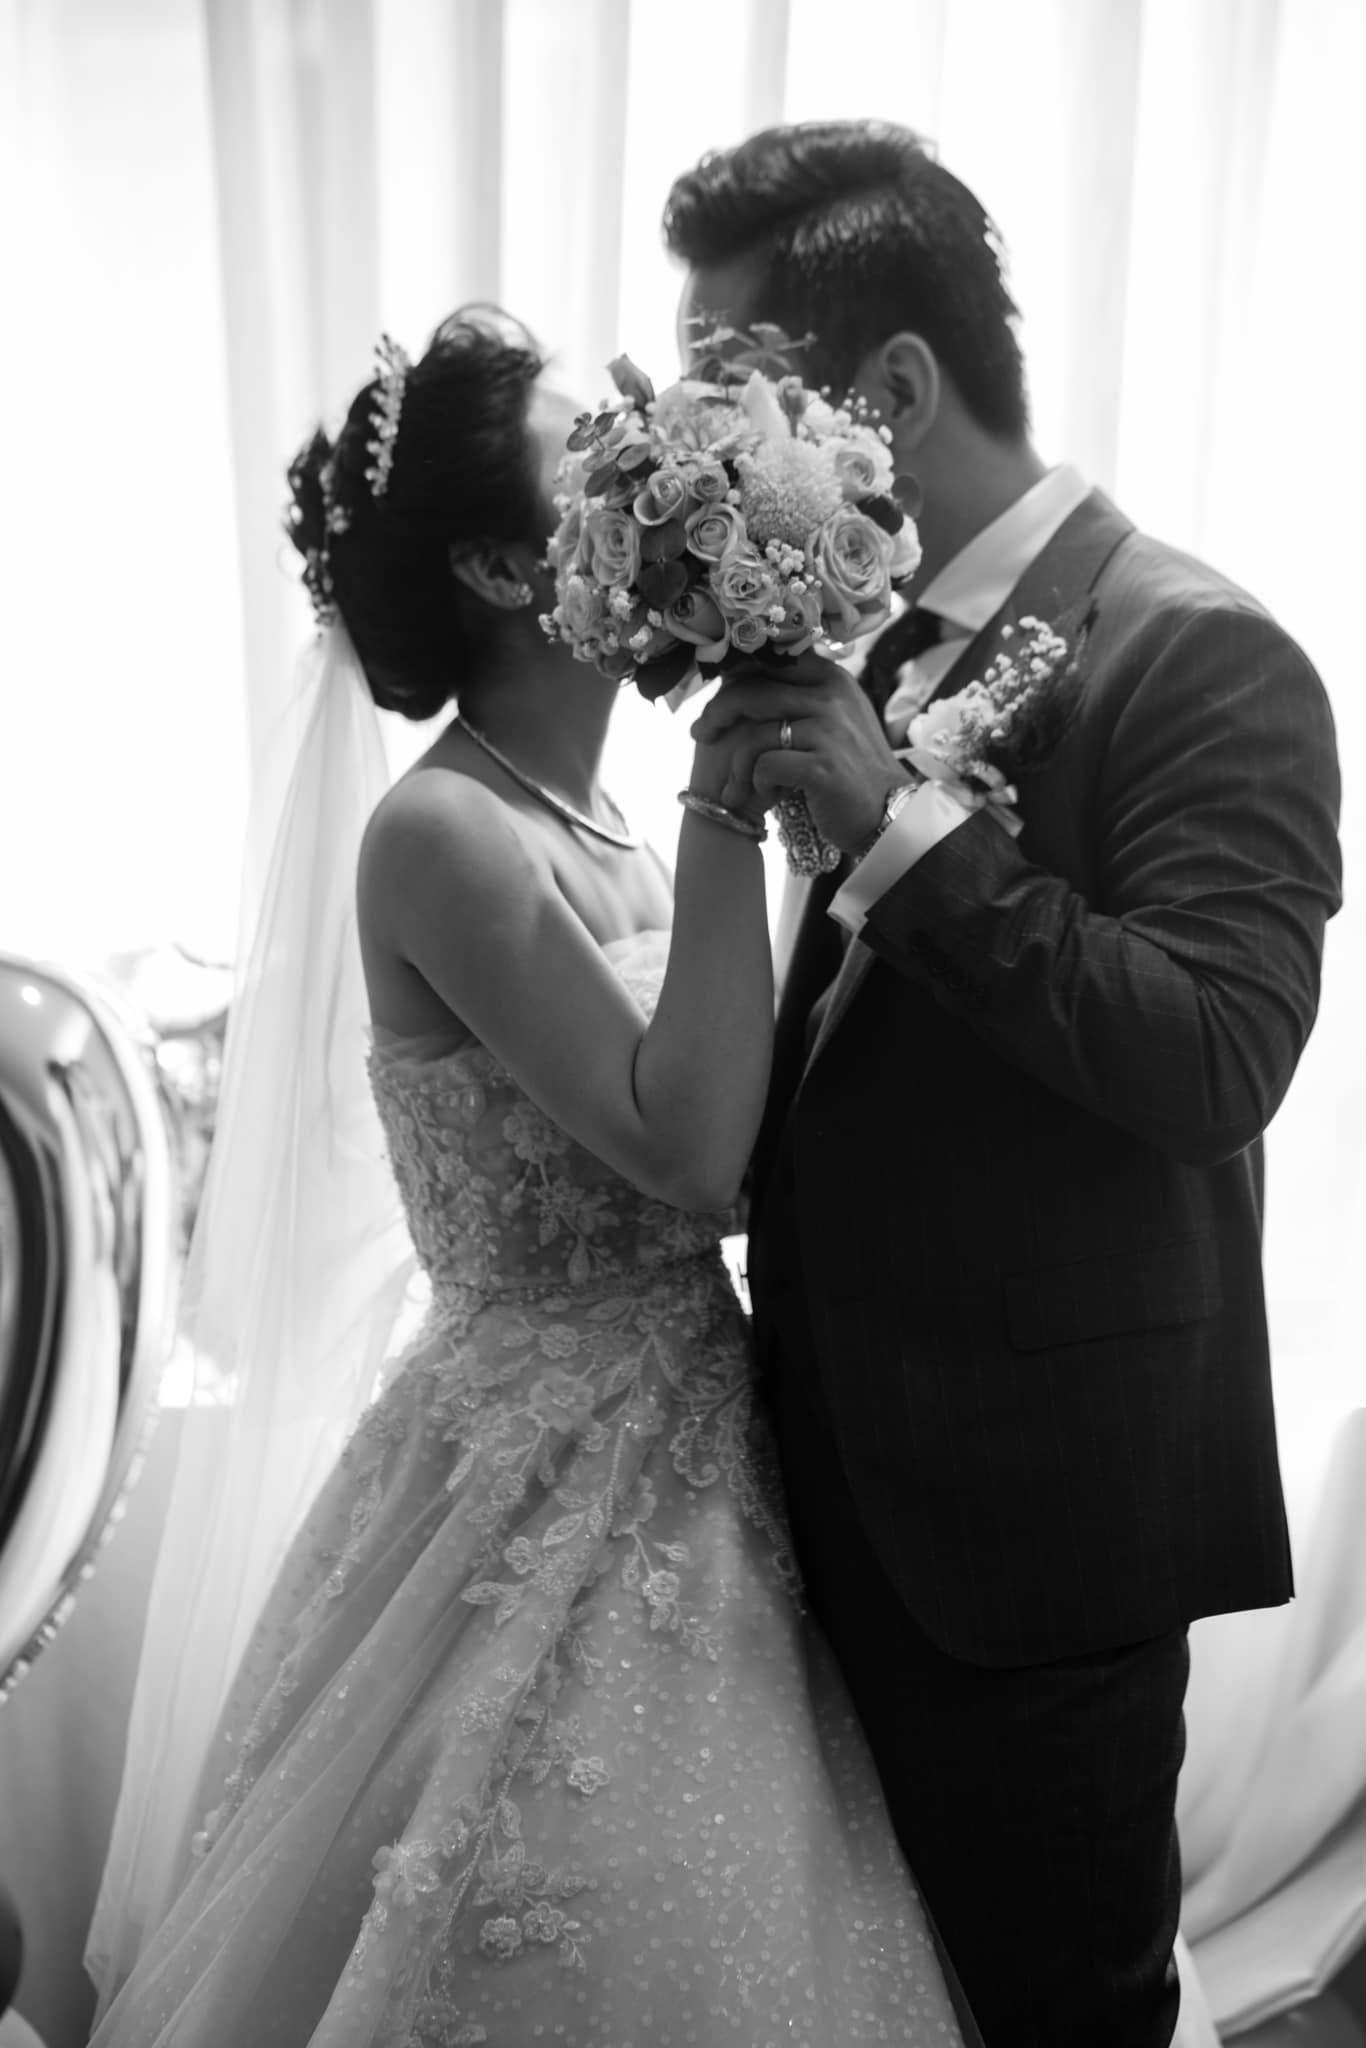 MC Hạnh Phúc chia sẻ sắp có con, tiết lộ lý do chưa thể tổ chức tiệc cưới Ảnh 6